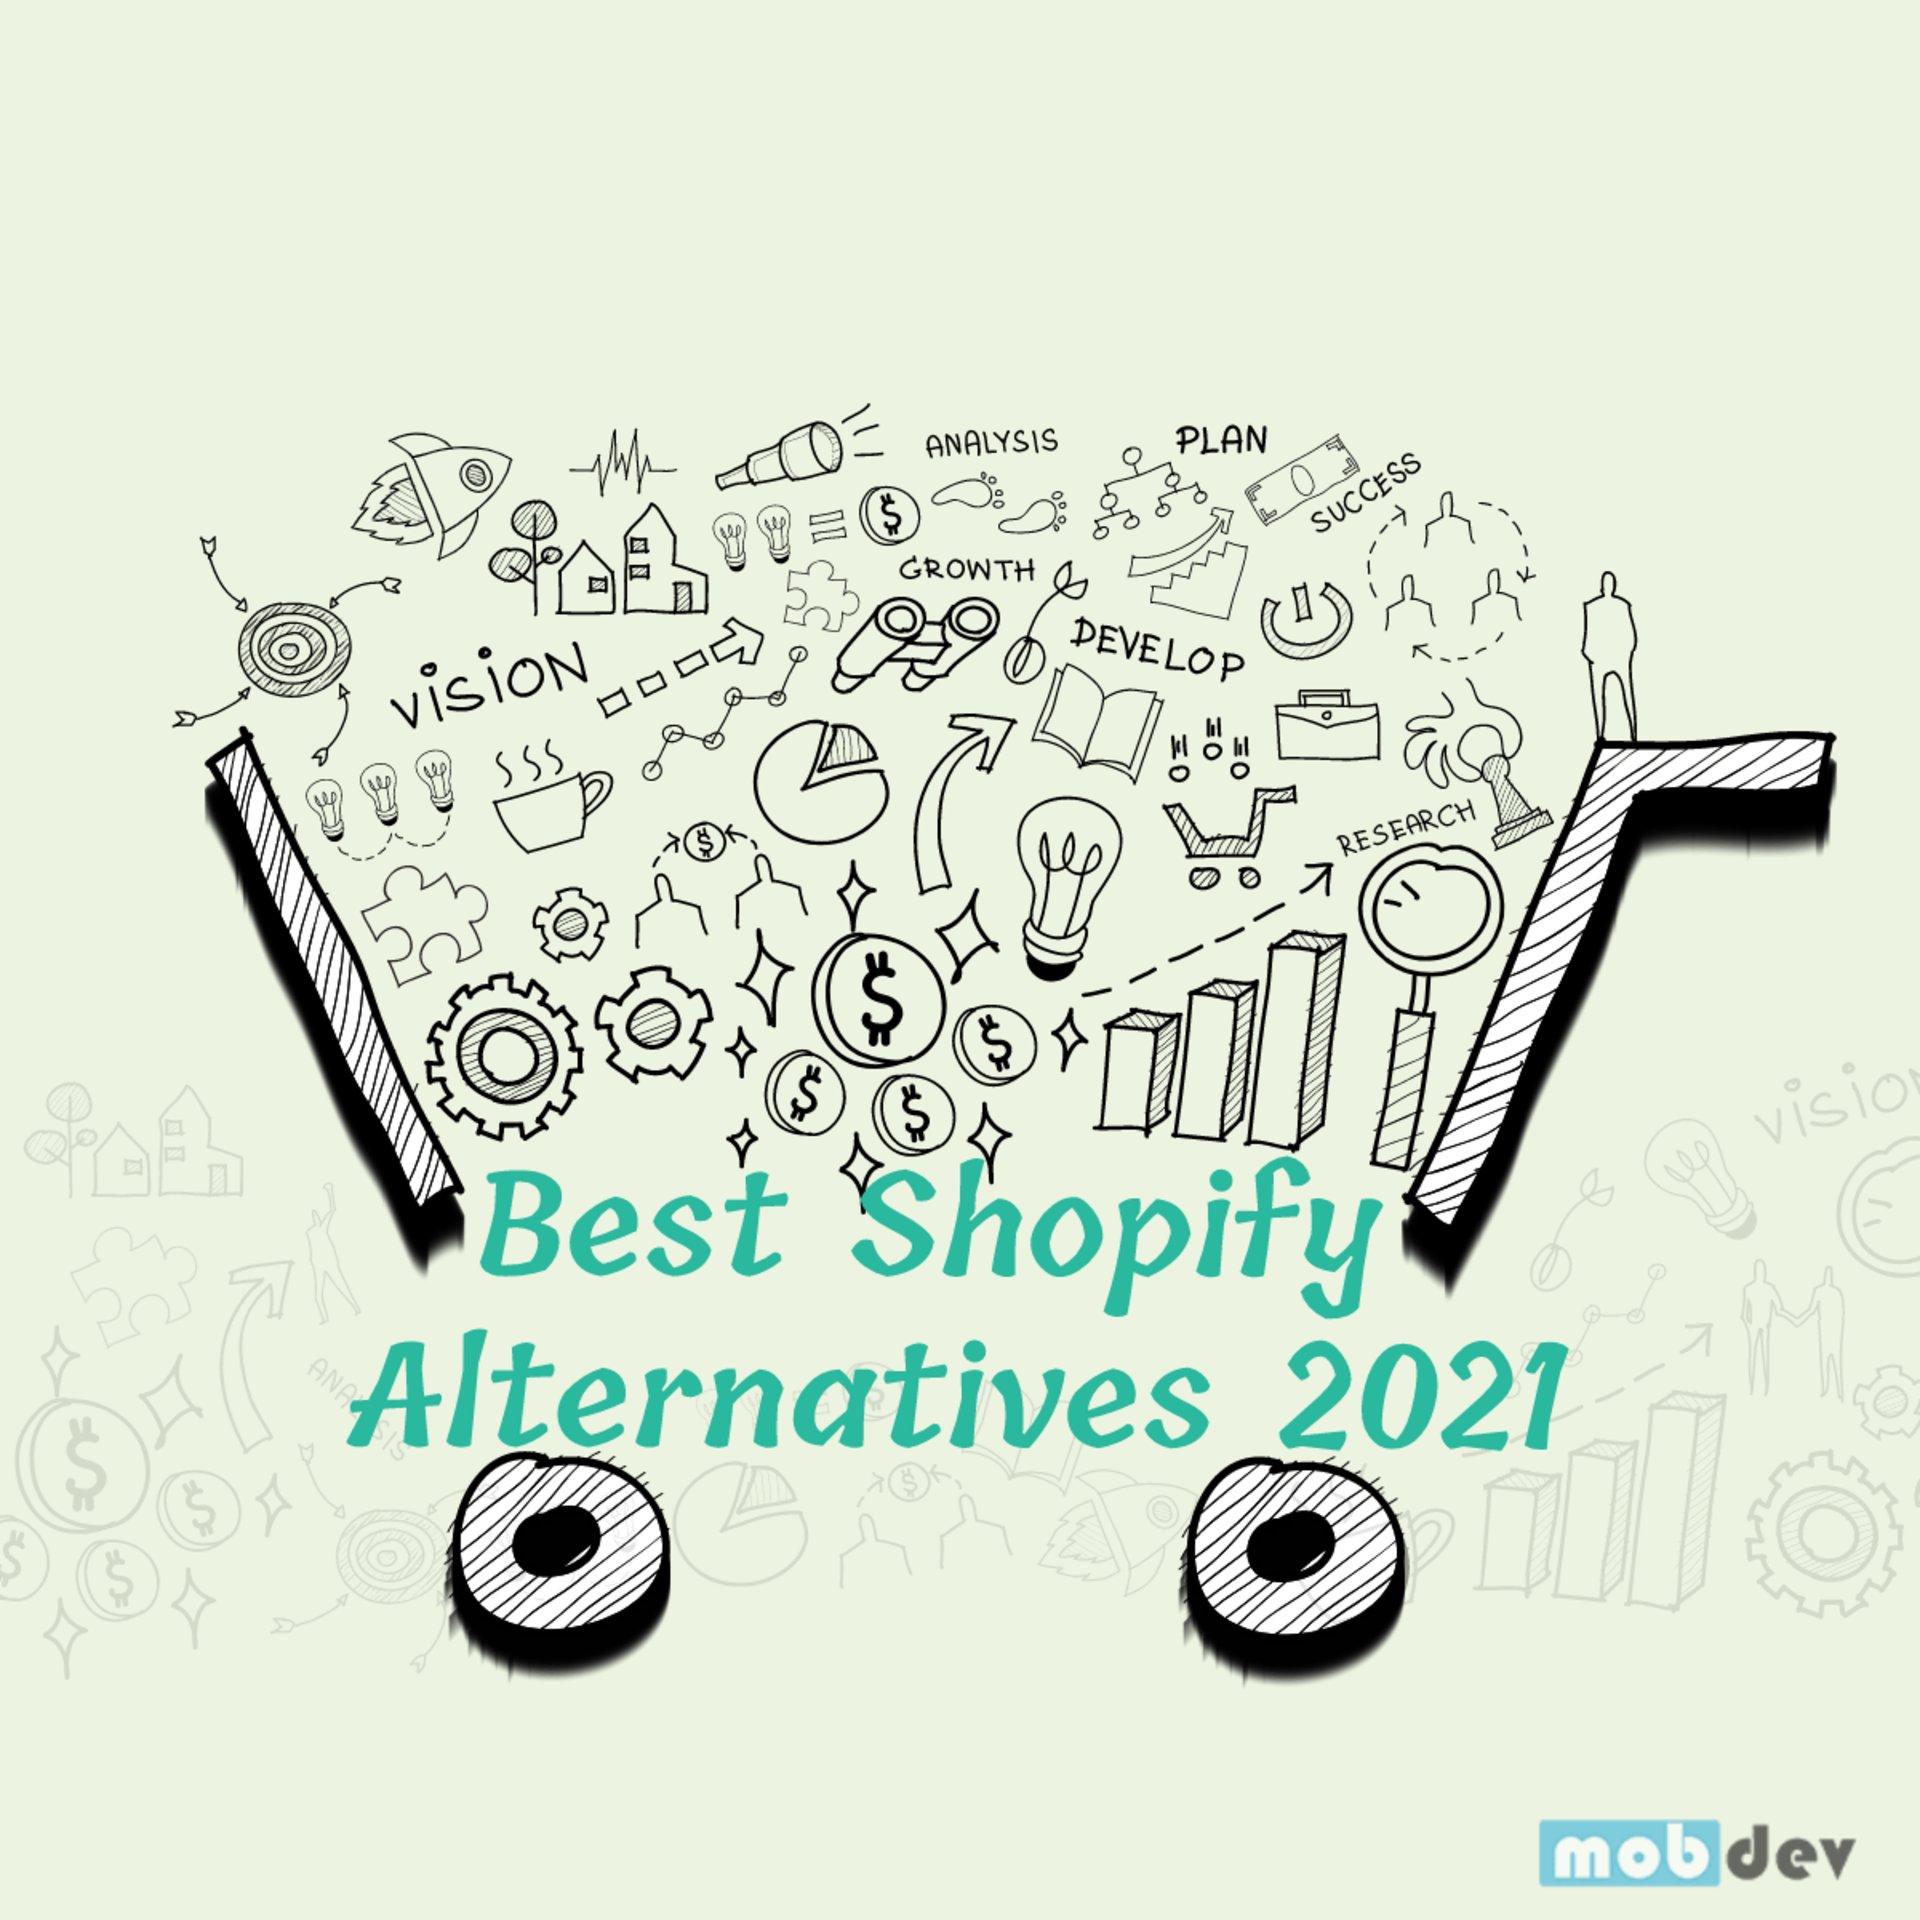 Best Shopify Alternatives in 2021 For E-commerce Mobile App Development